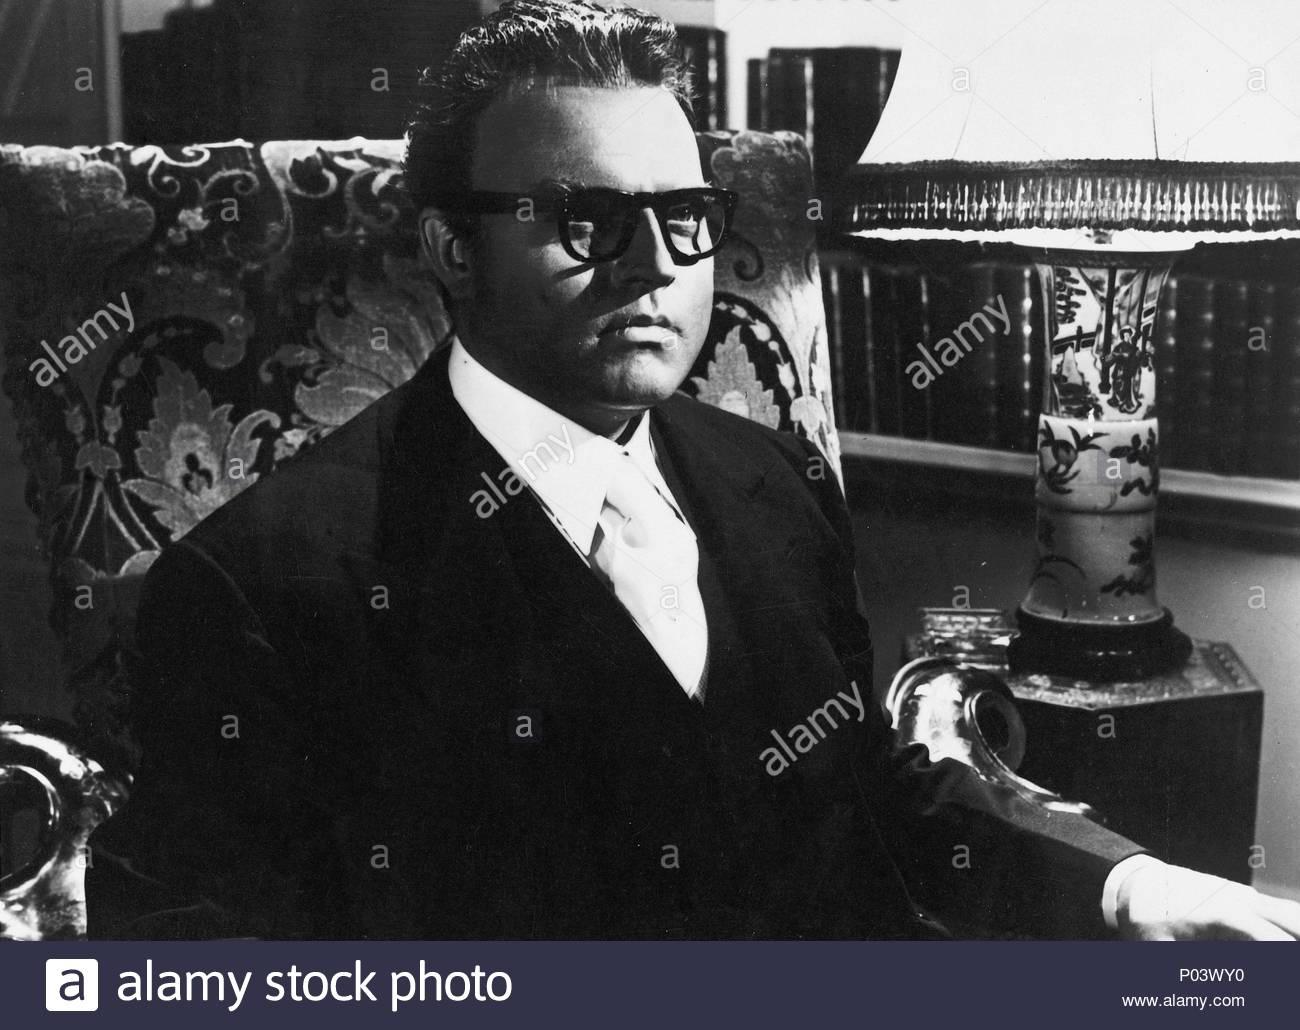 Original Film Title: TRENT'S LAST CASE.  English Title: TRENT'S LAST CASE.  Film Director: HERBERT WILCOX.  Year: 1952.  Stars: ORSON WELLES. Credit: BRITISH LION / Album - Stock Image